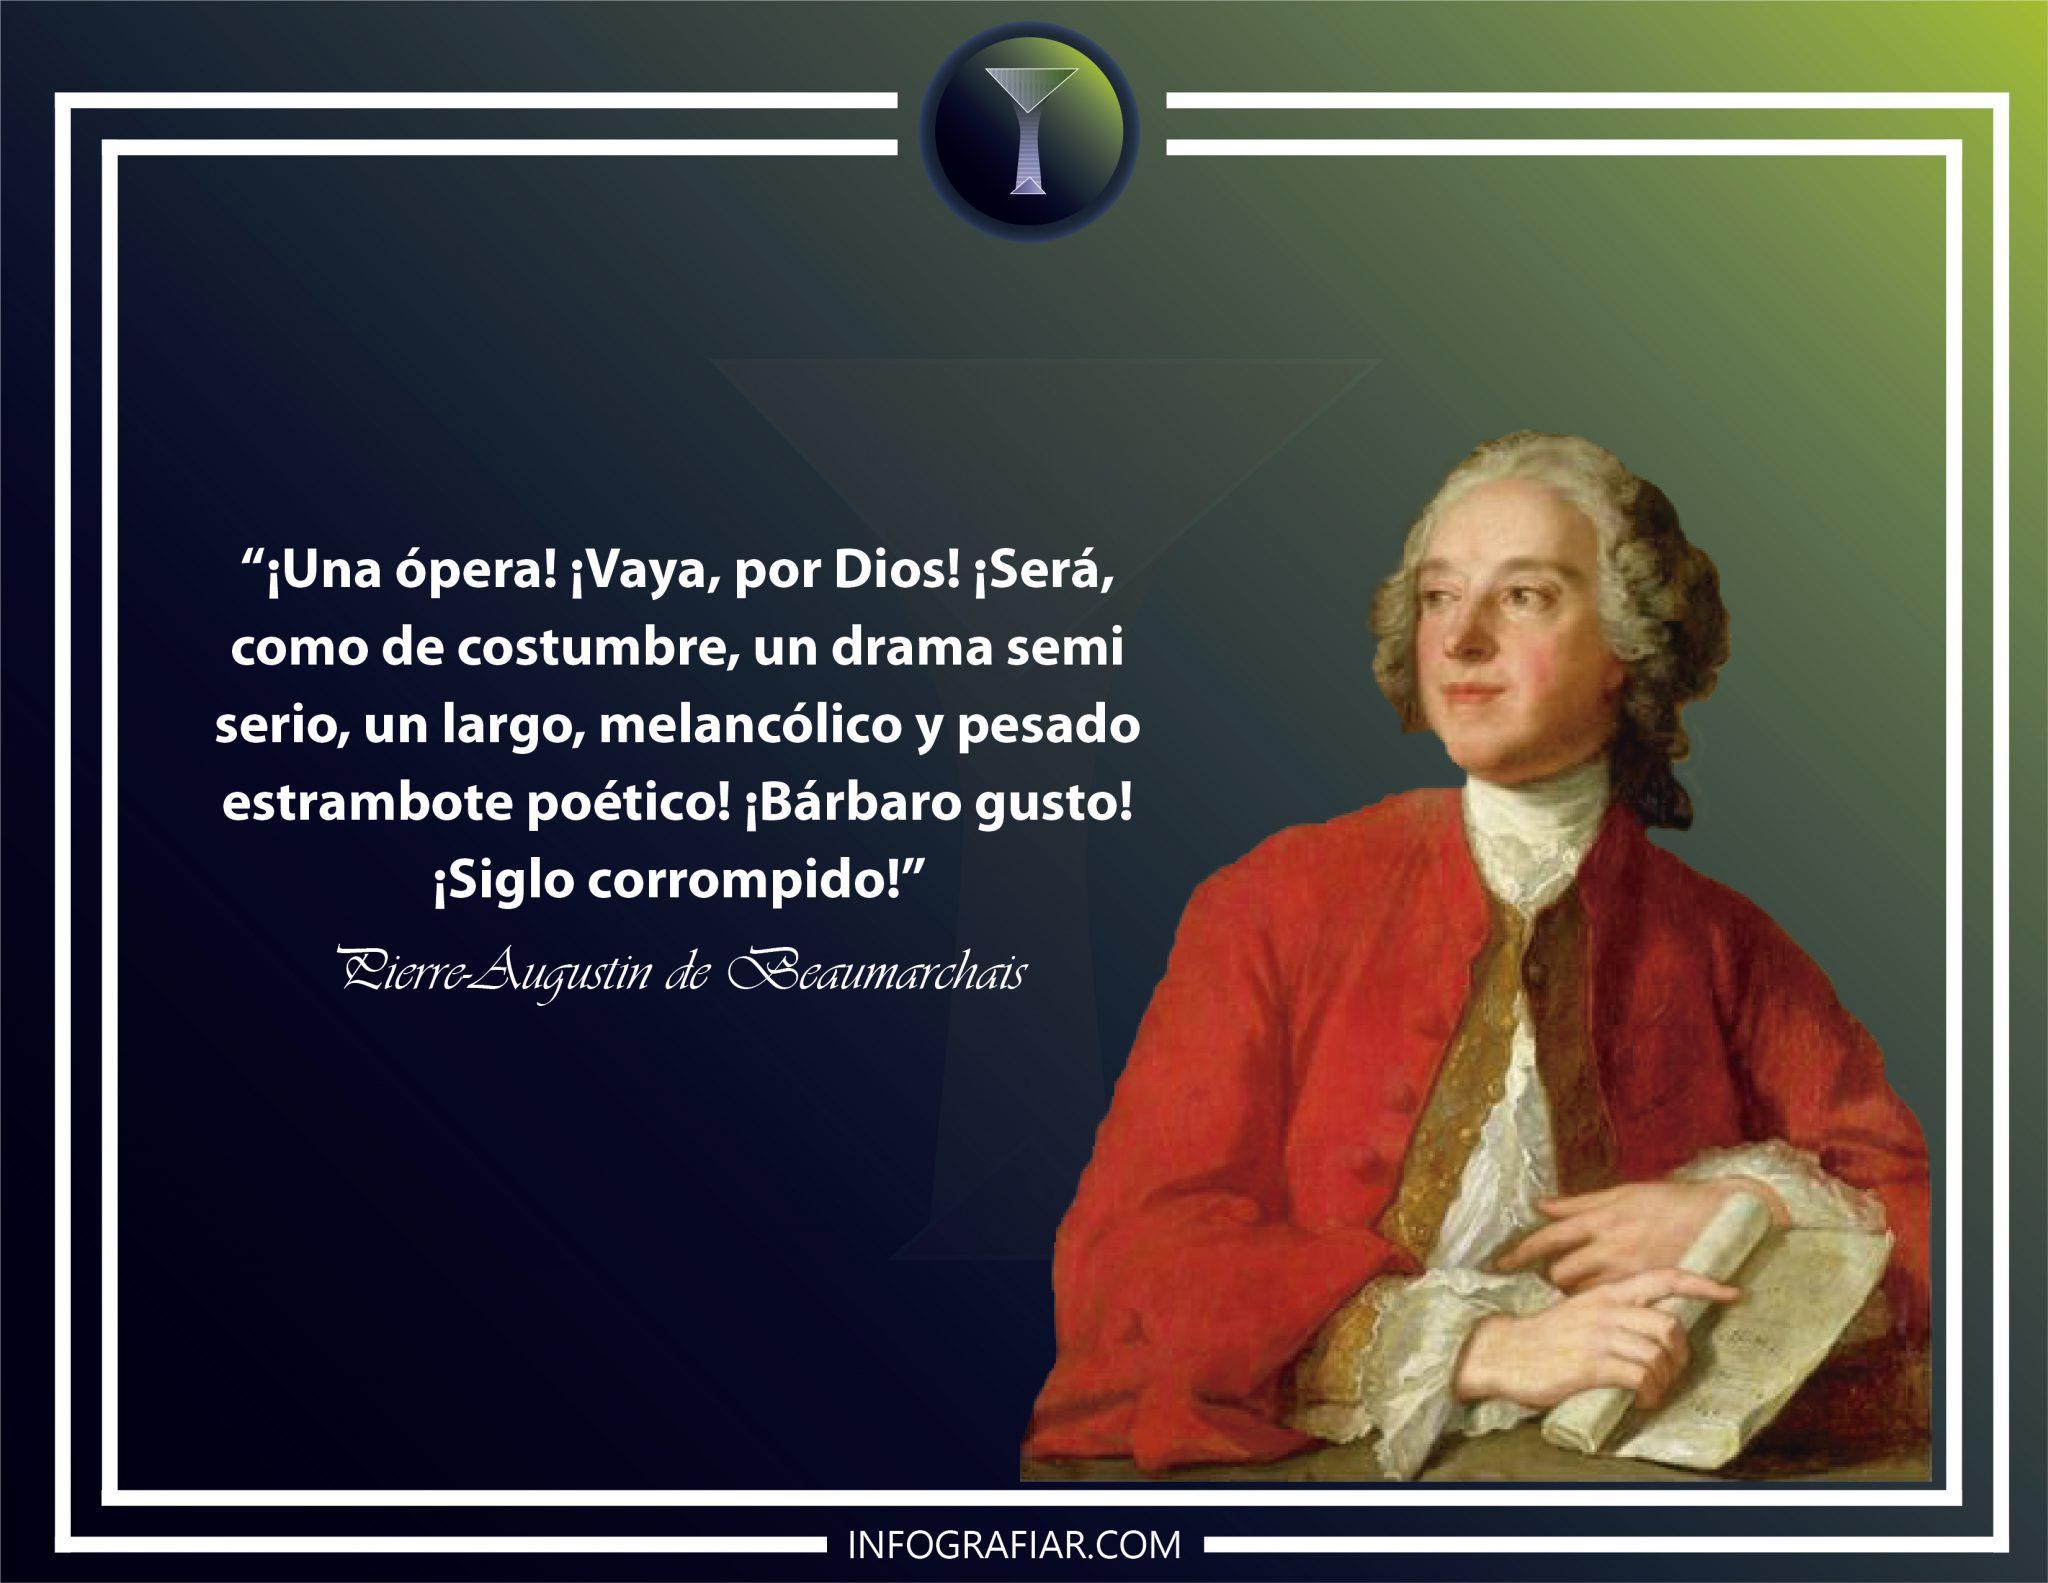 Pierre Augustin de Beaumarchais 2-15